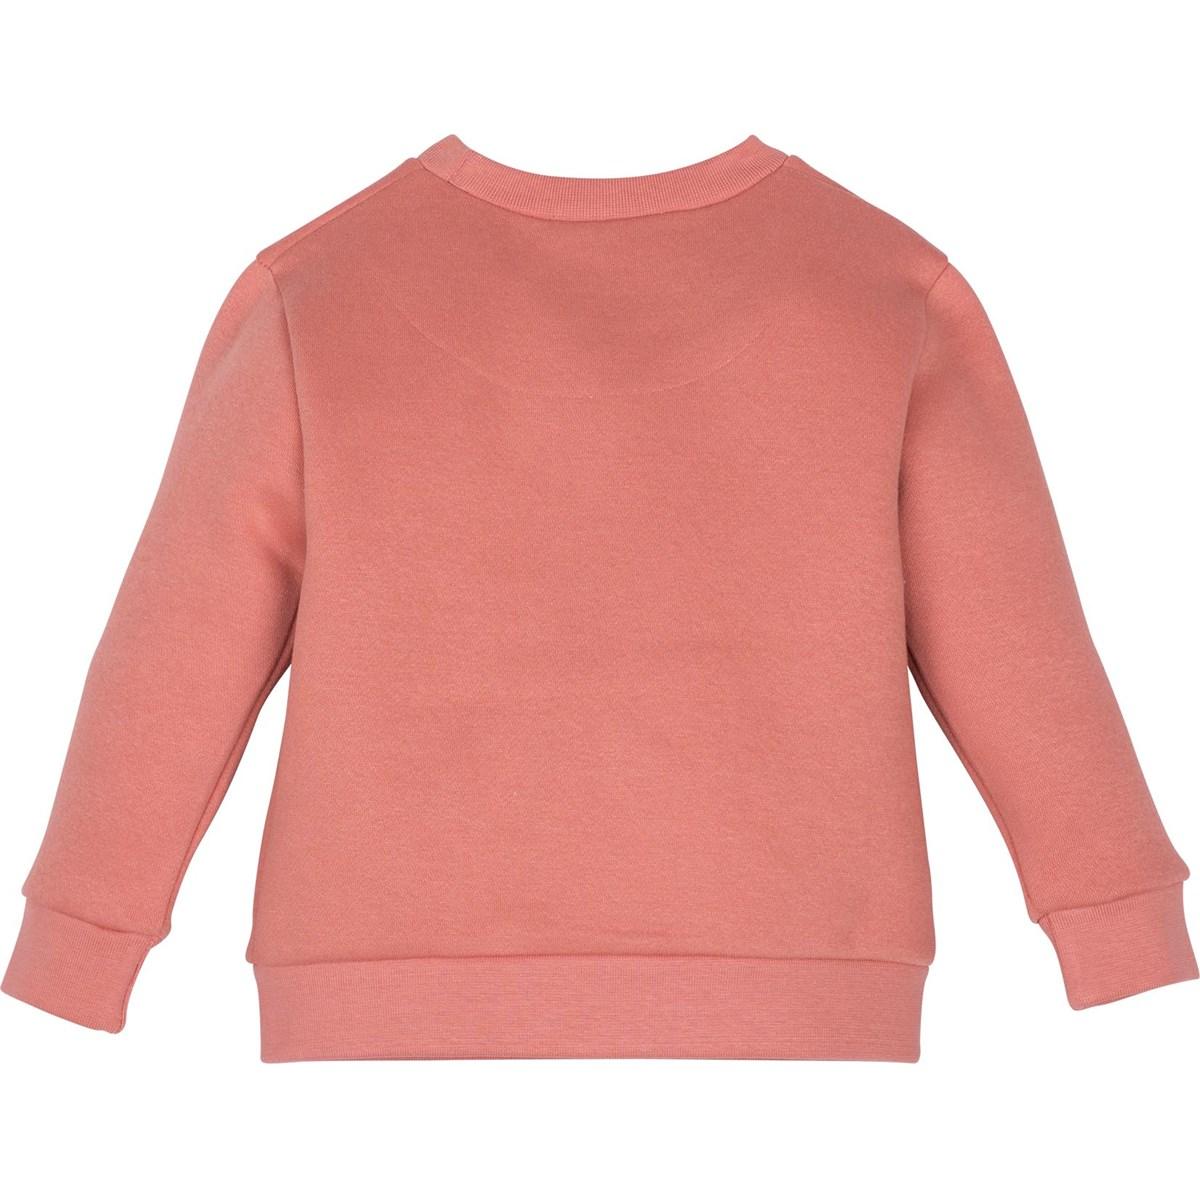 12658 Sweatshirt 2